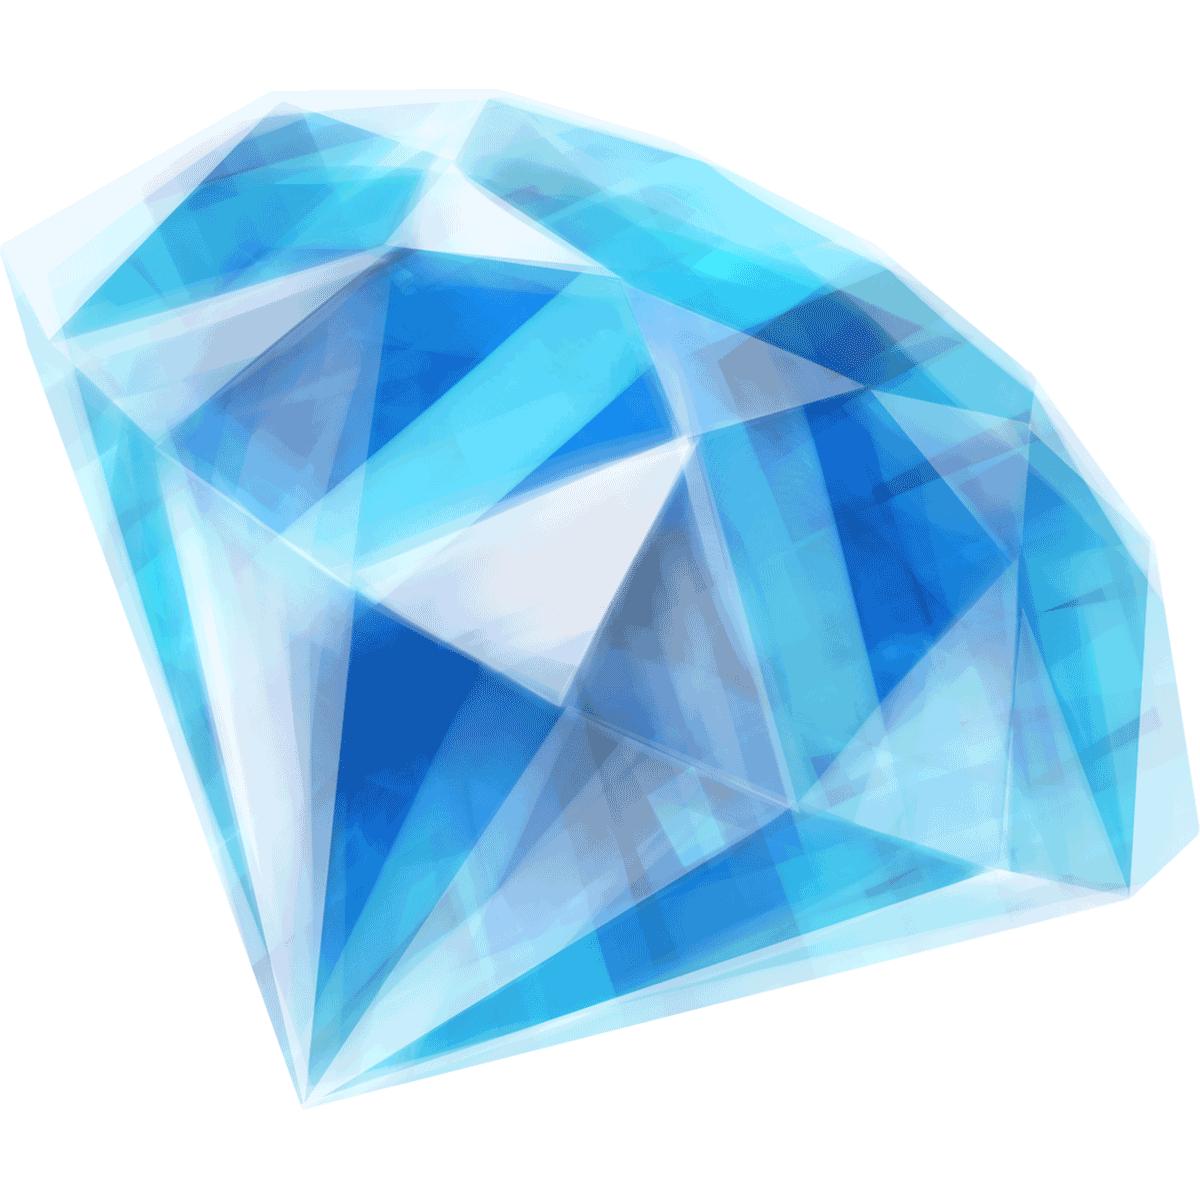 【手描き/宝石】青いダイヤモンドの無料イラスト